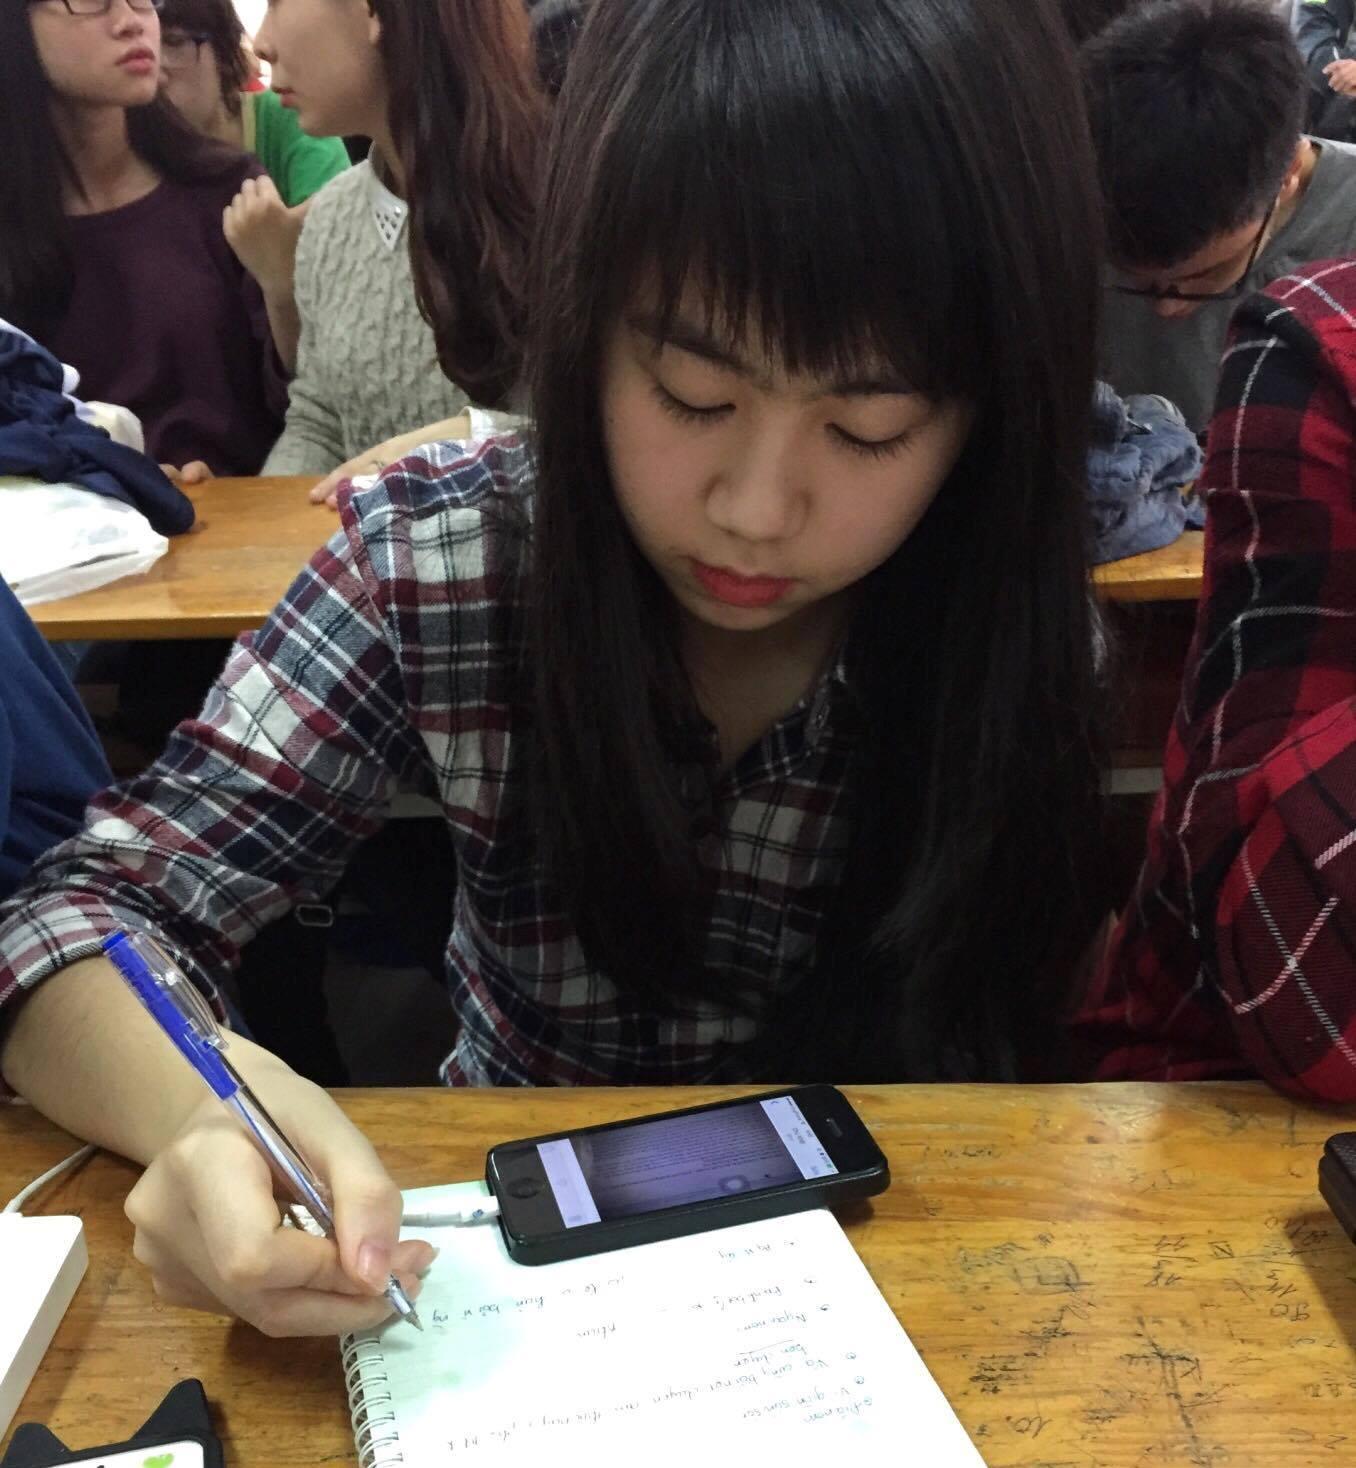 """Câu chuyện tự học tiếng Anh của Phương – cô học sinh gặp phải các vấn đề nan giải với môn tiếng Anh mà vẫn học cực đỉnh nhờ 1 tình huống """"trớ trêu""""!"""